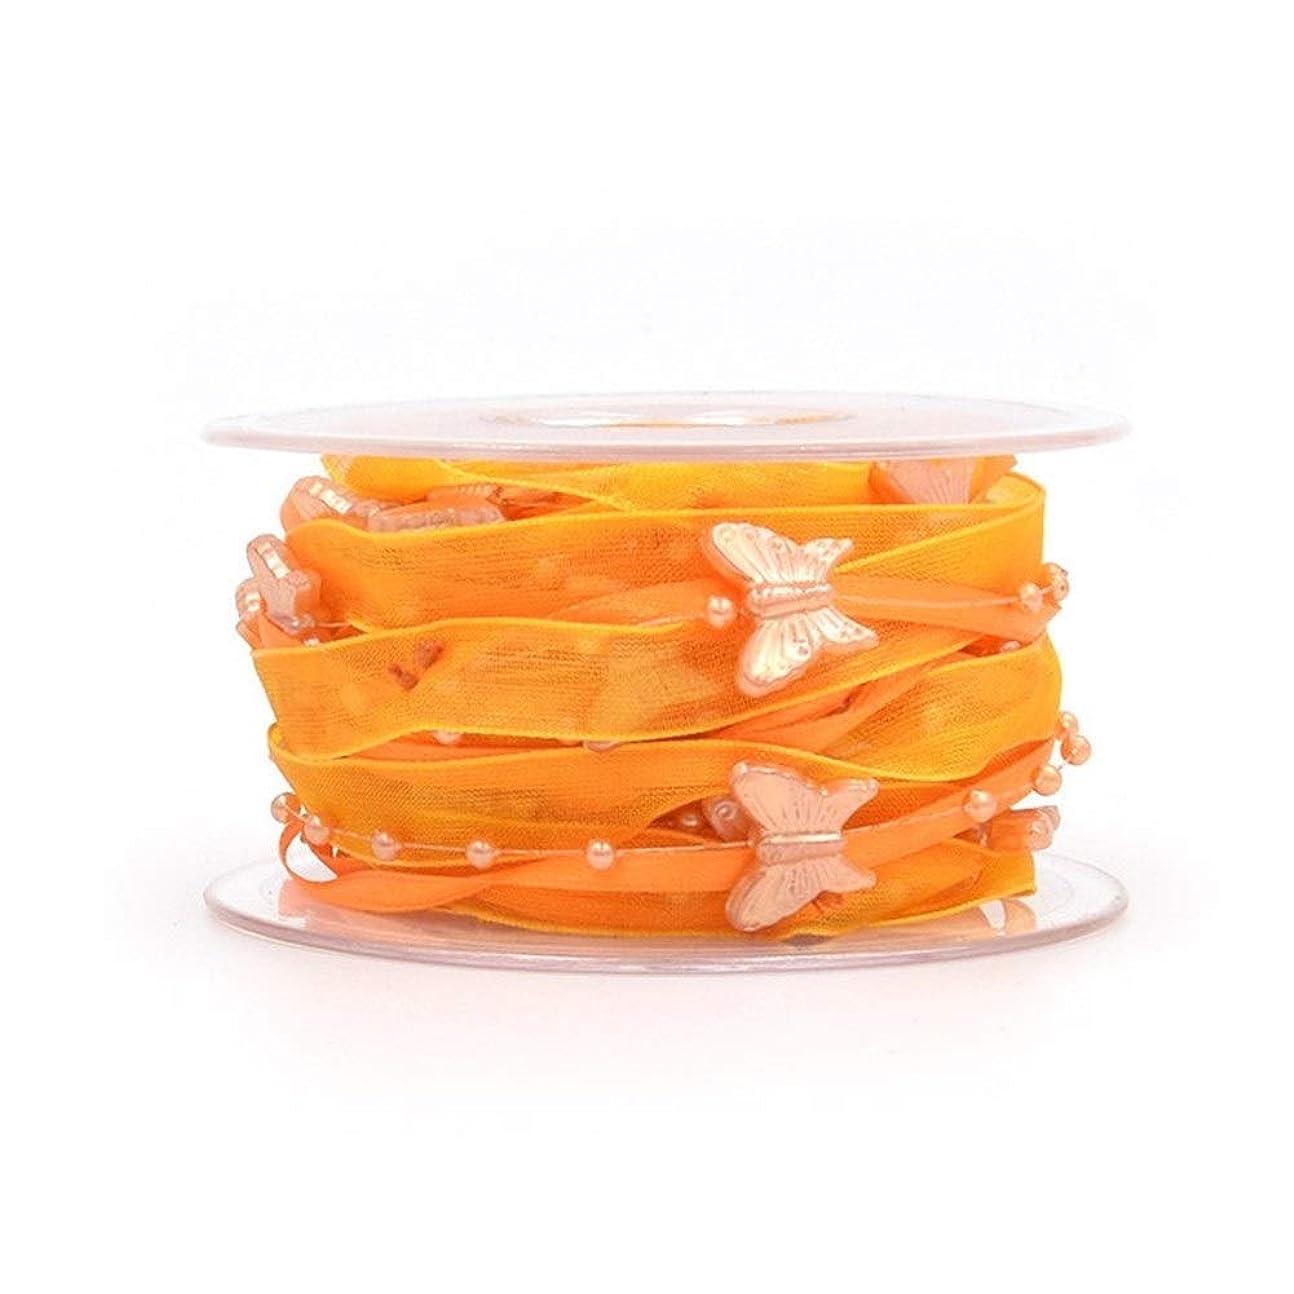 イヤホン有名な海里SHUOYUE リボン多色装飾リボンWthをバタフライビーズクリスマスパーティー結婚式の装飾DIYフラワーギフト包装 (Color : Orange)